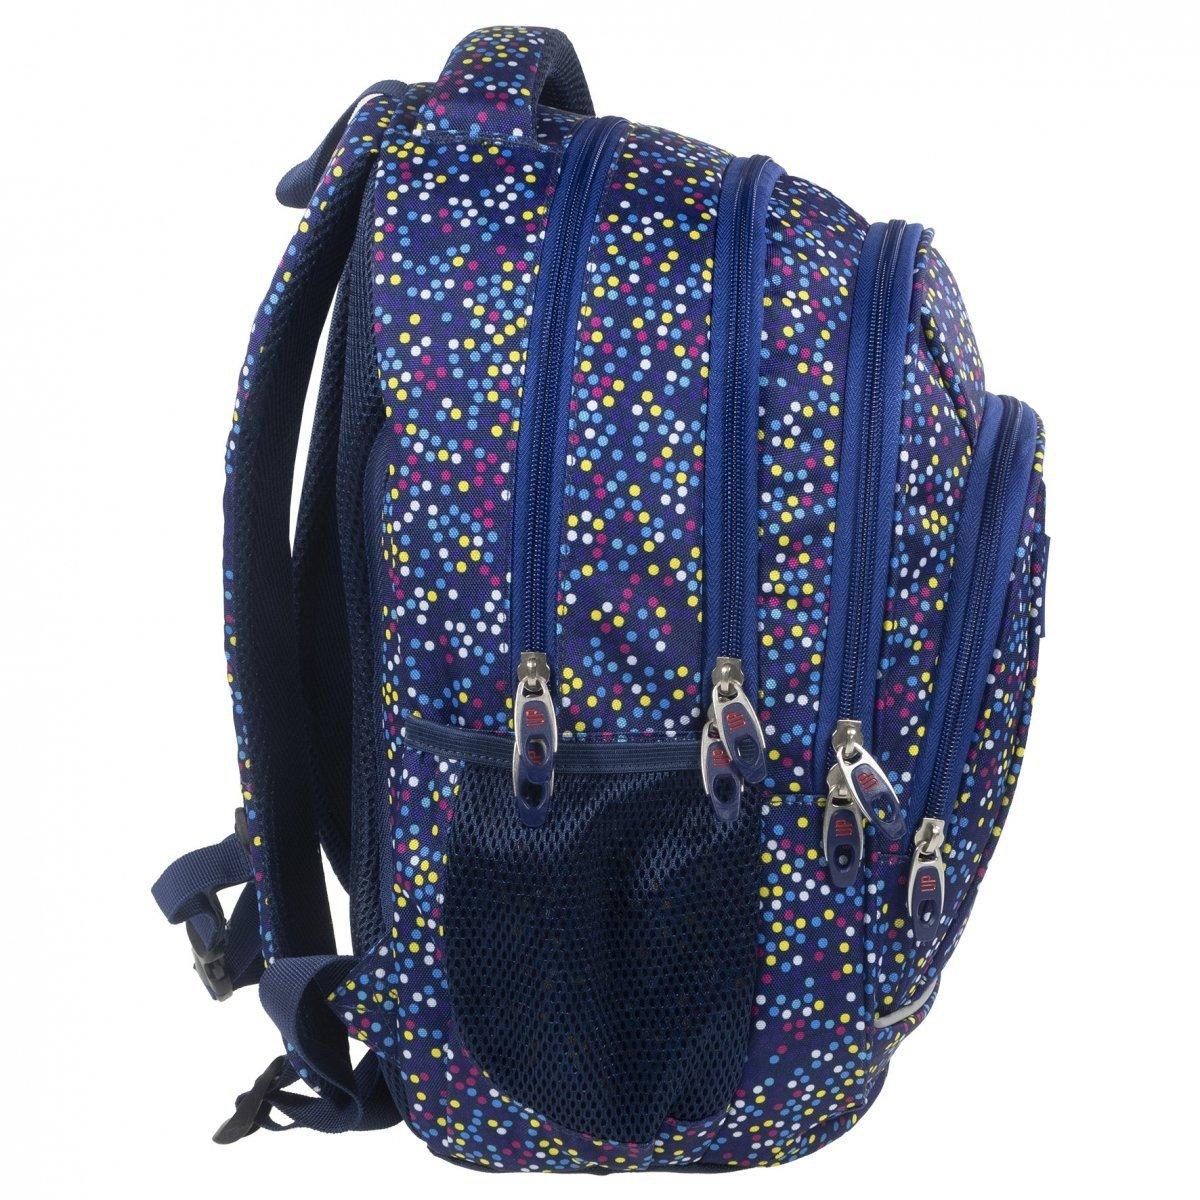 970bfd9508897 Plecak szkolny młodzieżowy Back UP kolorowe kropki MULTICOLOR DOTS +  słuchawki (PLB1A3)